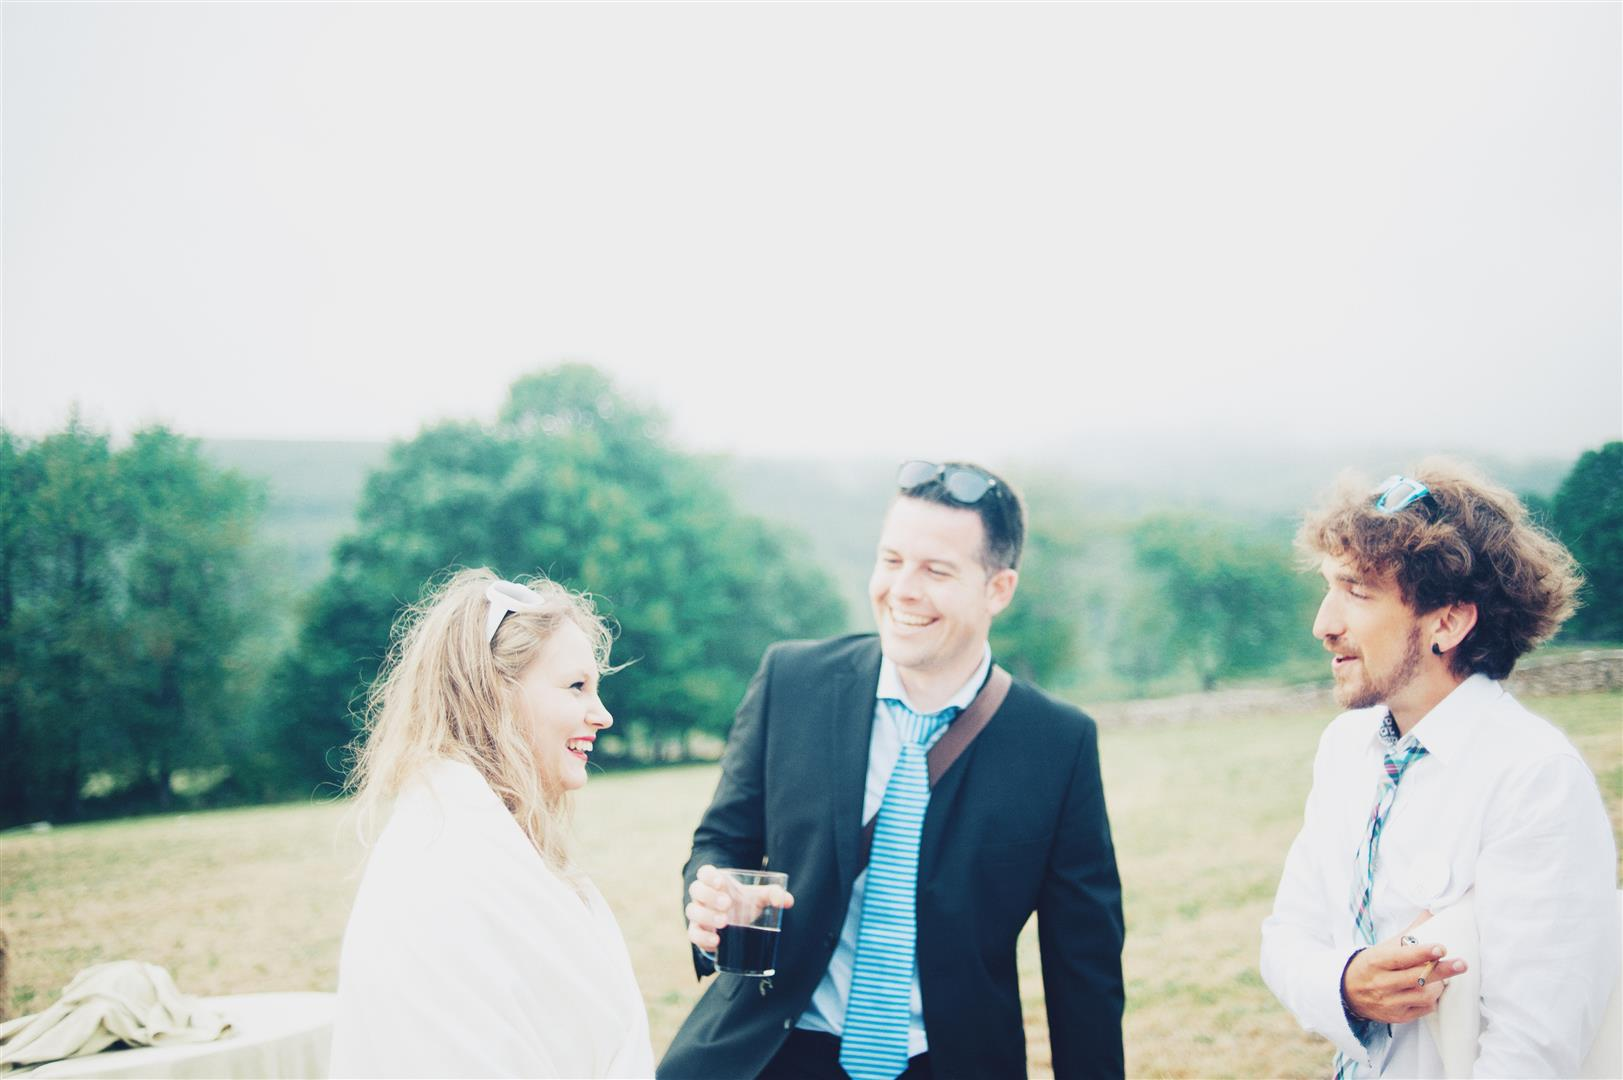 regalar mantas en la boda (1)